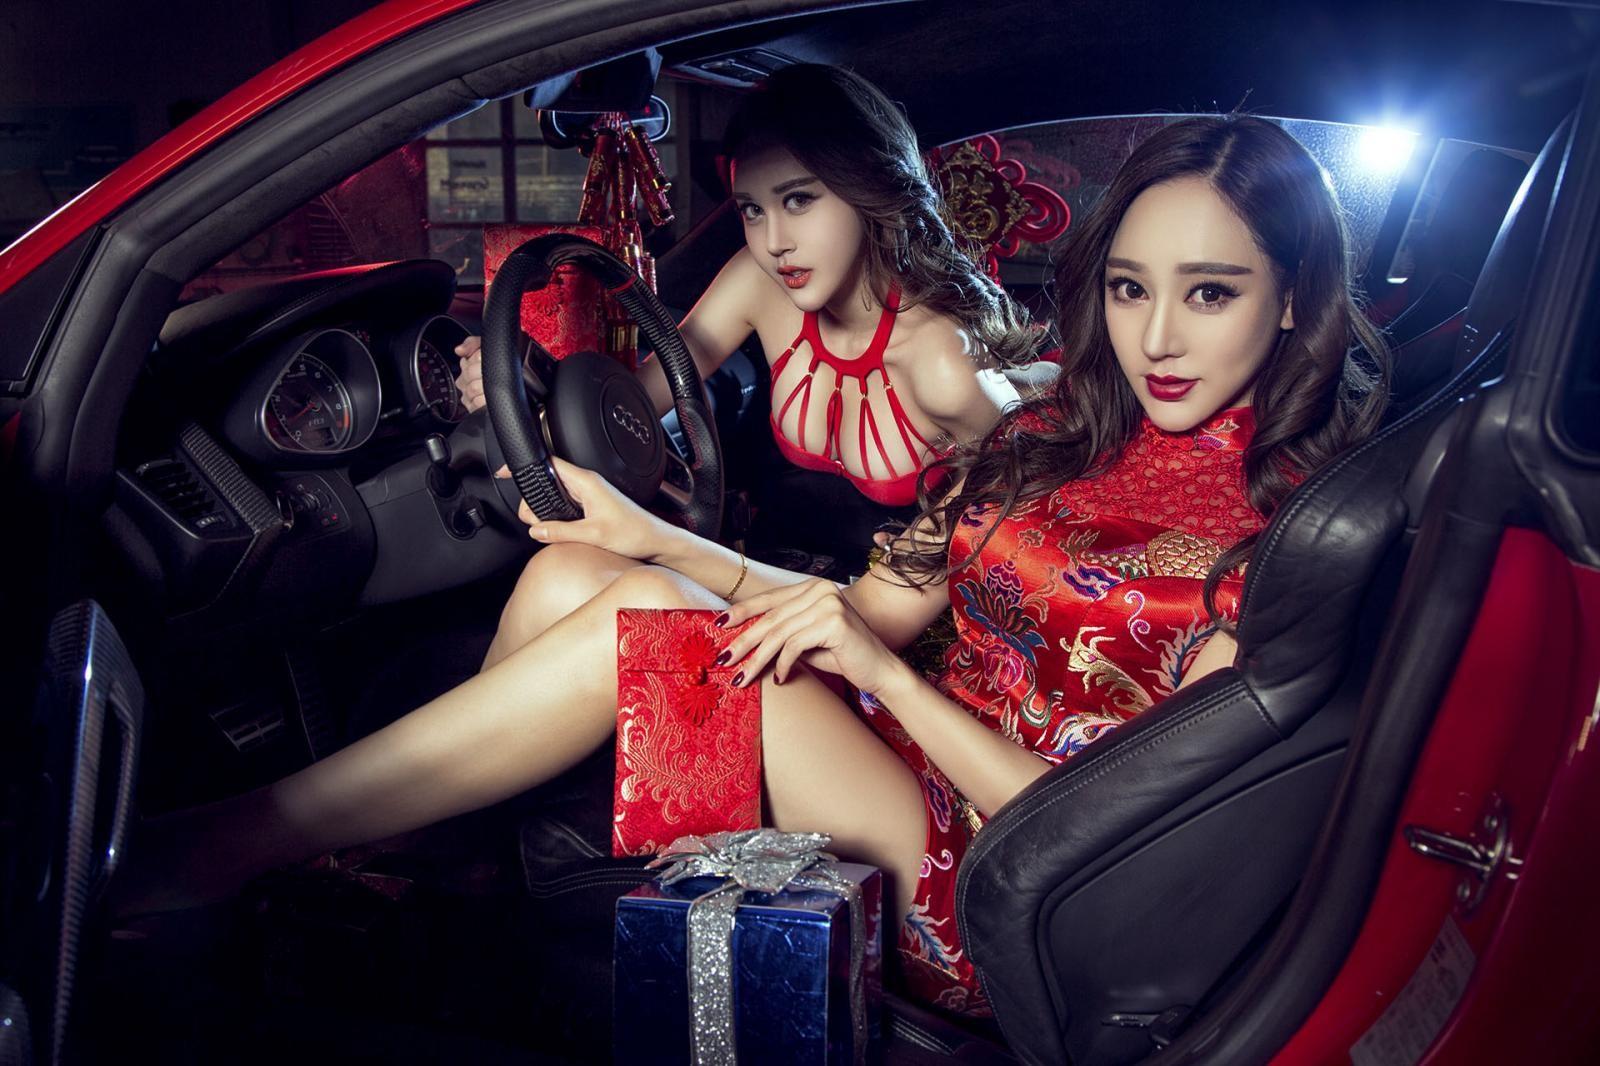 Nghênh đón xuân mới cùng hai người mẫu gợi cảm diện đồ đỏ bên Audi R8 - 6